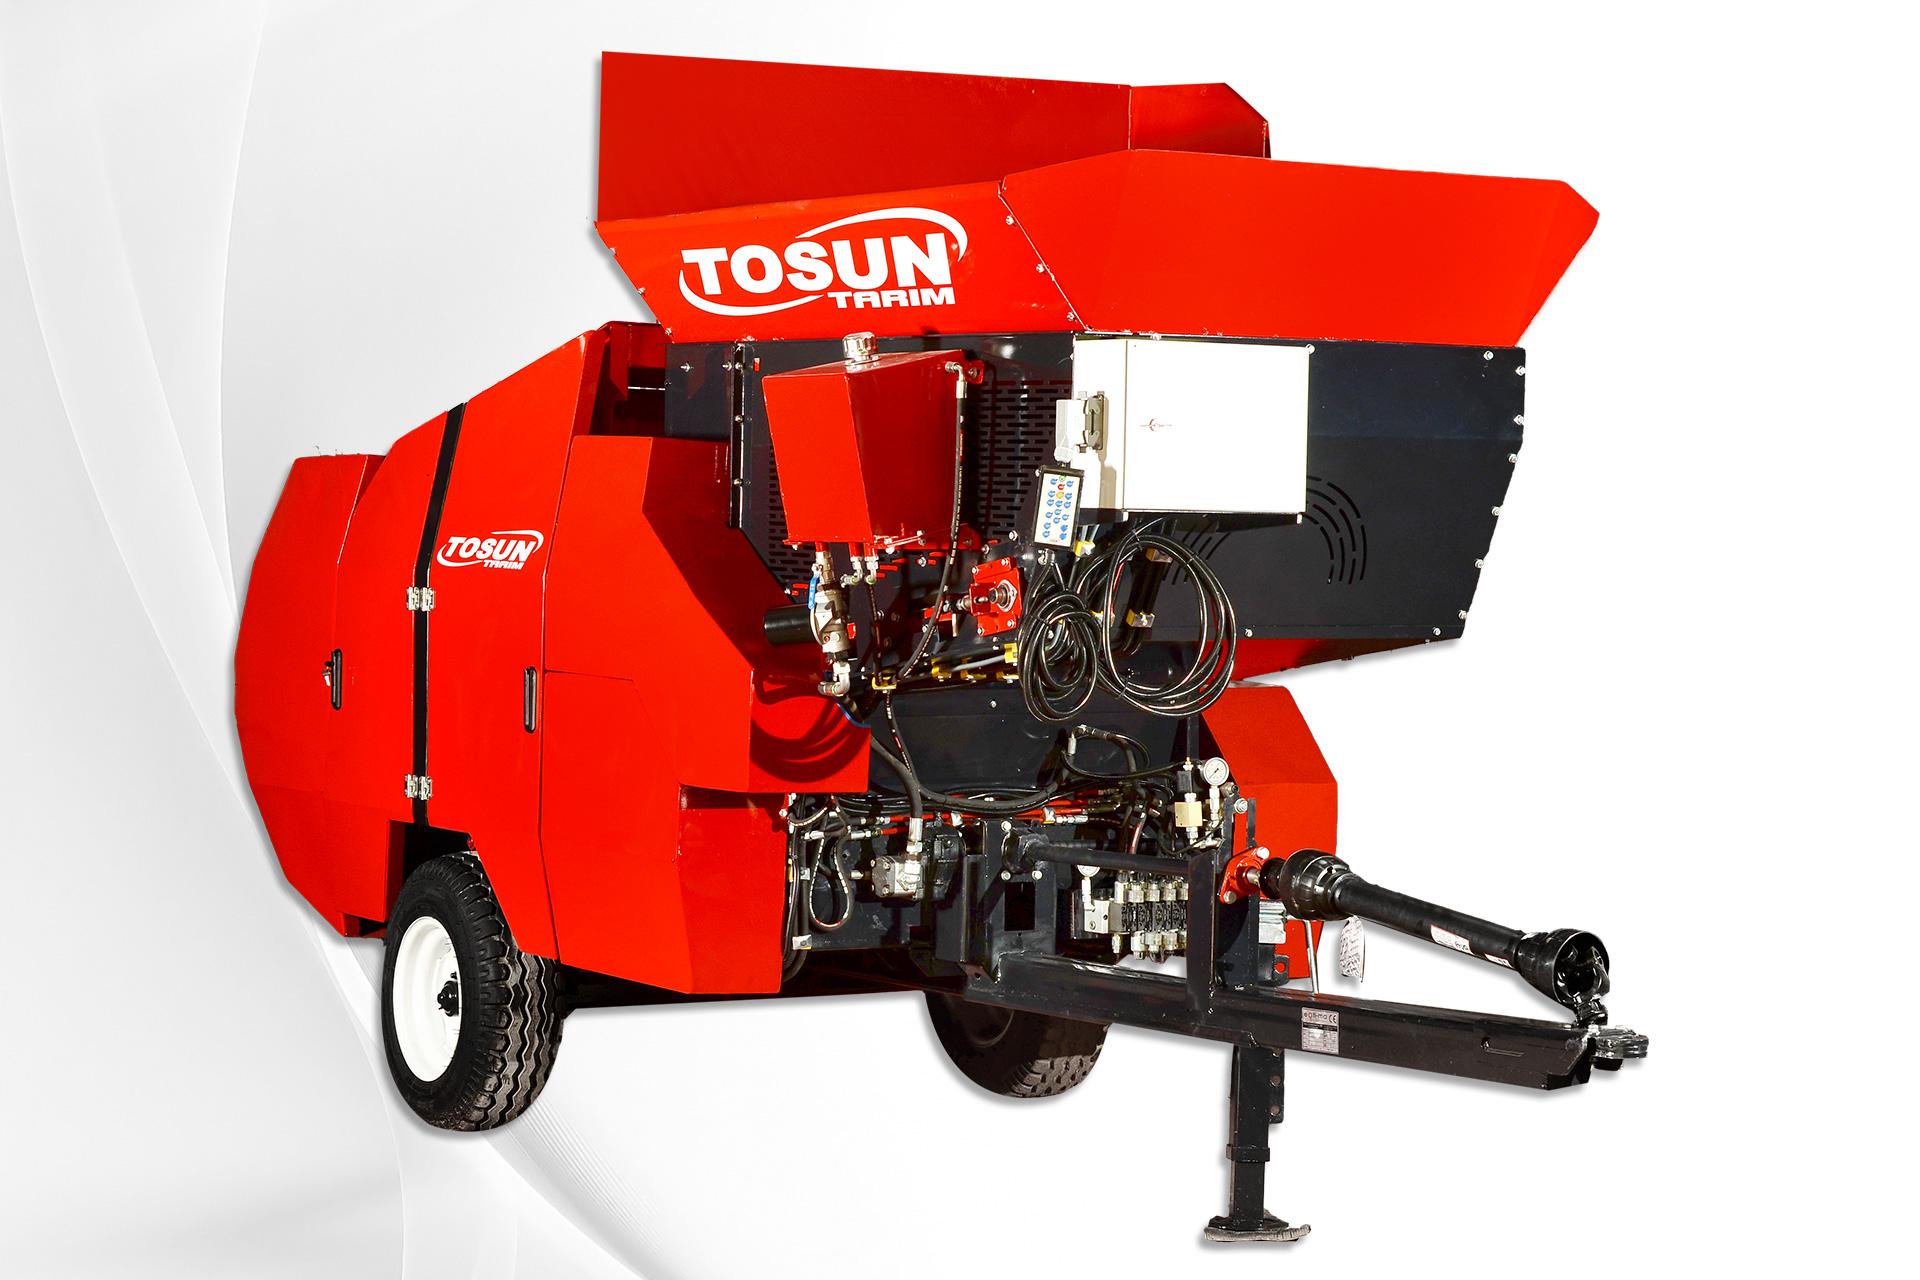 Mobile Silage Round Baler - Tosun Farm Machines Izmir